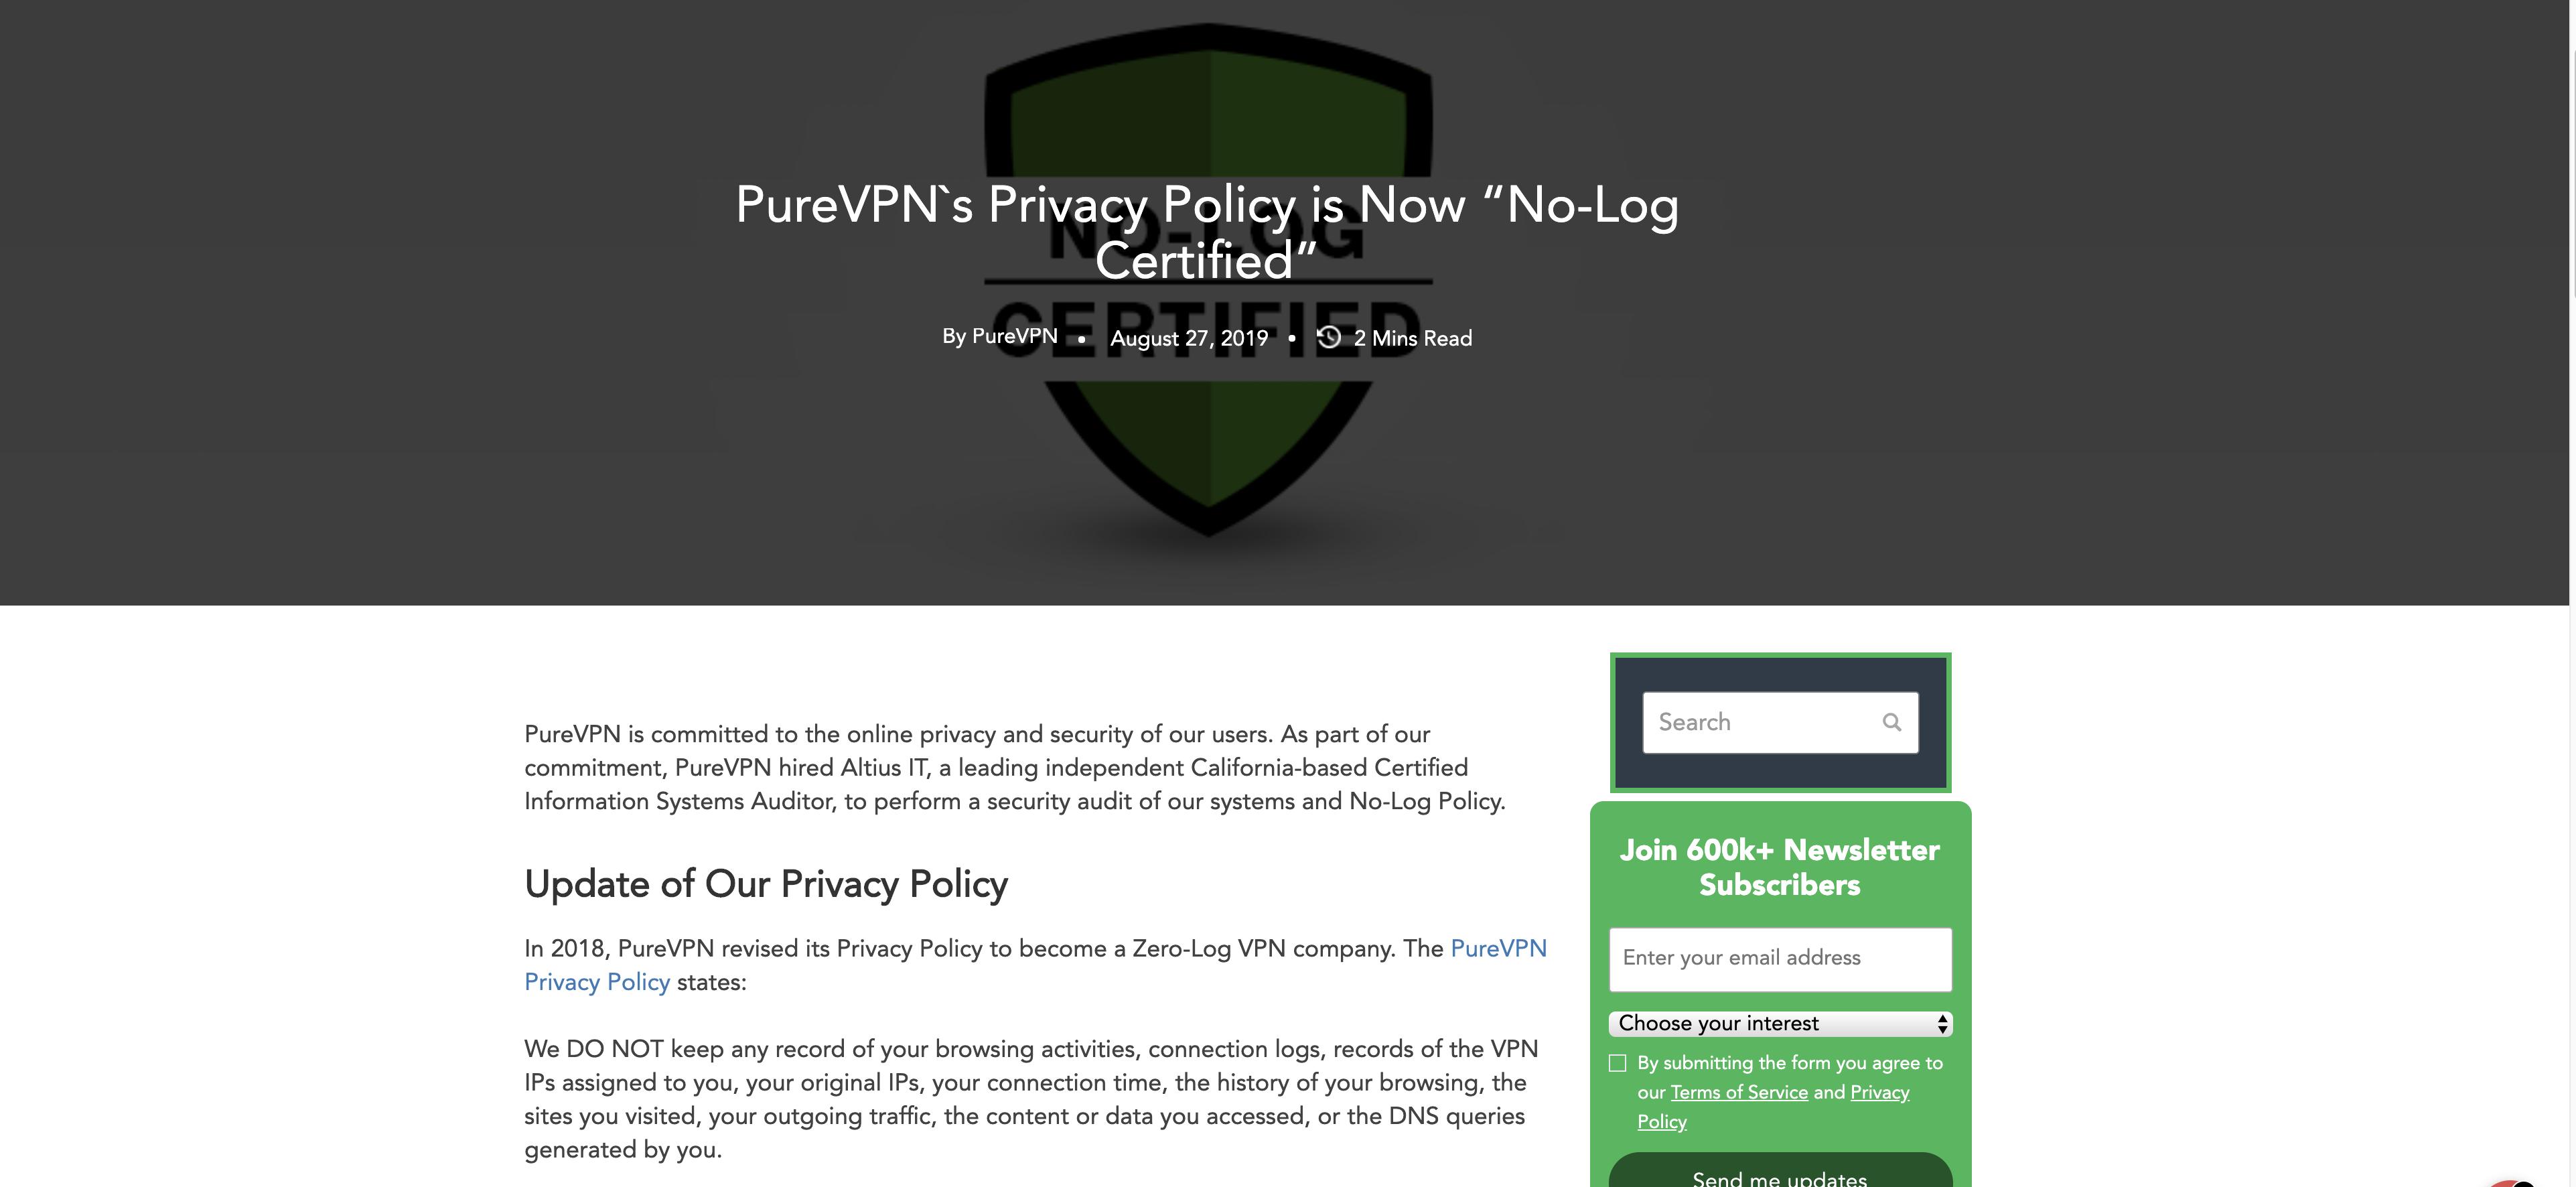 purevpn-Protokollierungsrichtlinie